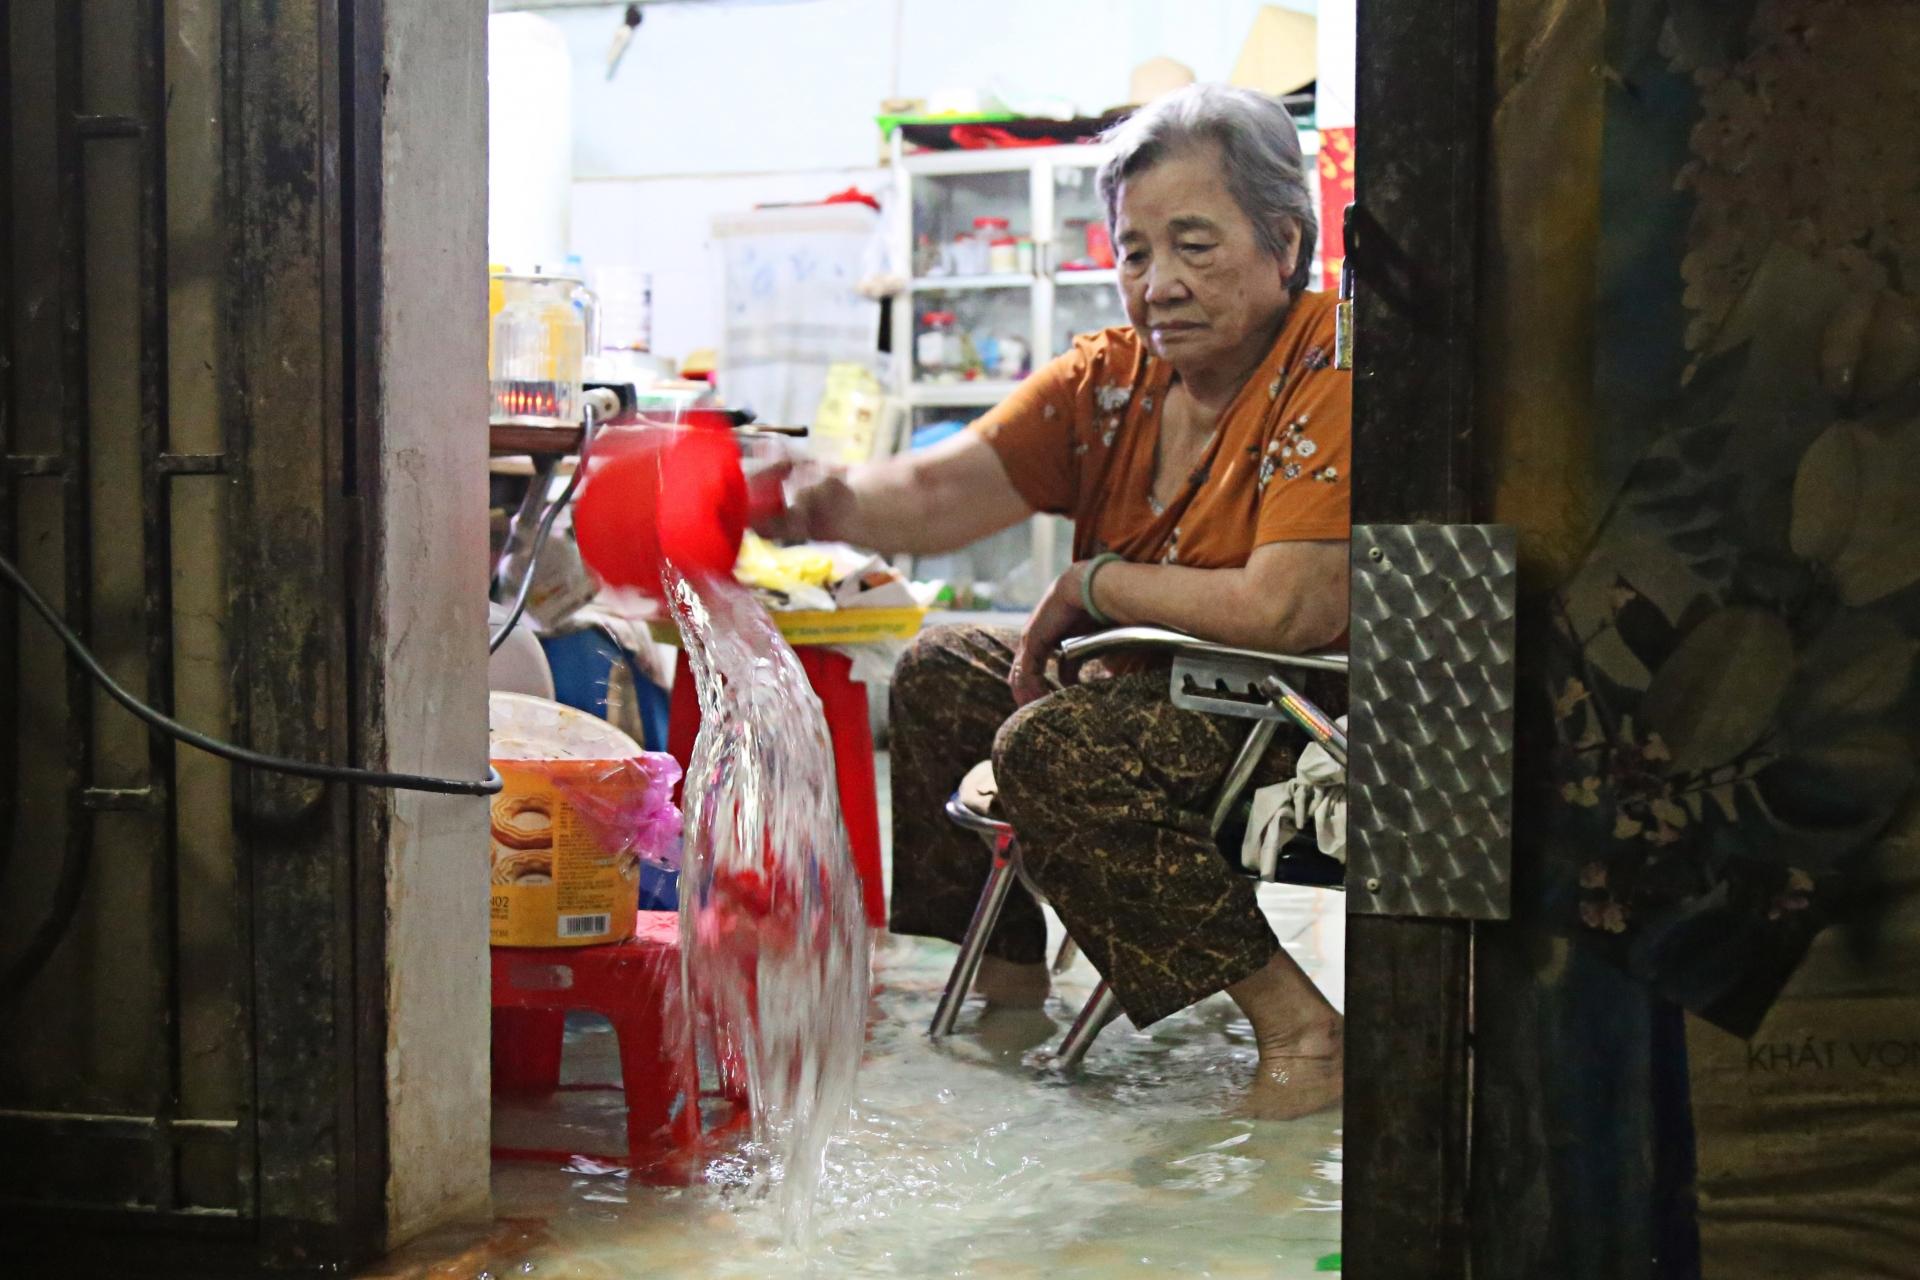 Nước ngập vào nhà, người dân Thảo Điền trắng đêm tát